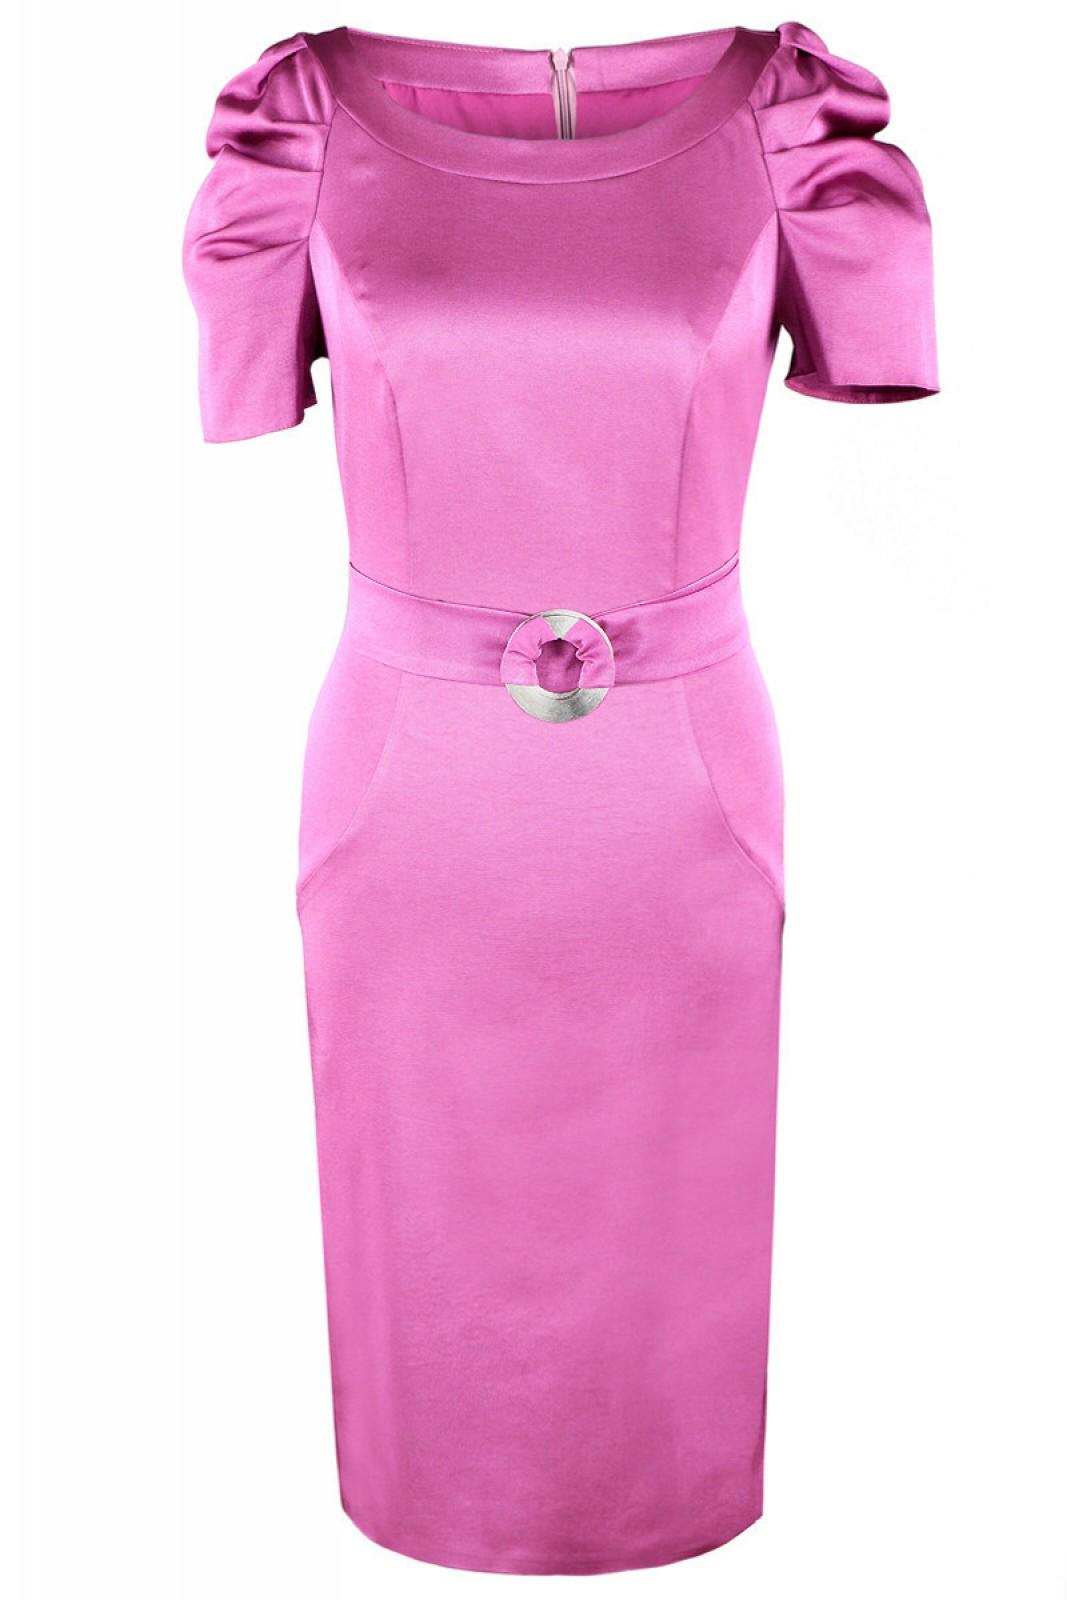 Zeitlos-elegantes Kleid in Amaranth mit gerafften kurzen Ärmeln - ...